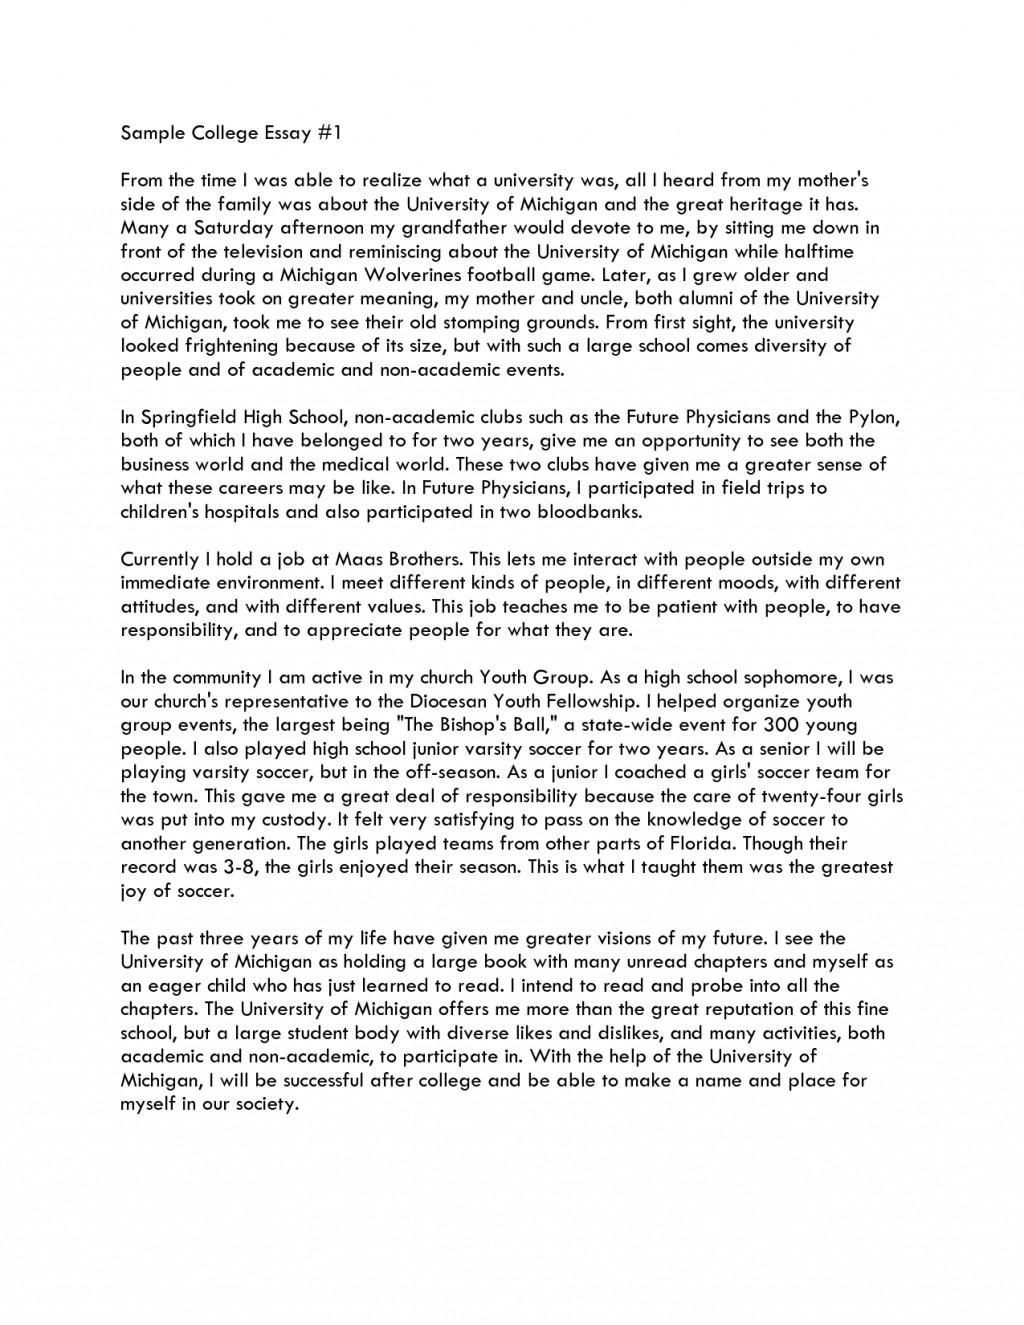 008 Sei7qjtc4a Persuasive Essay Example Excellent College Level Large